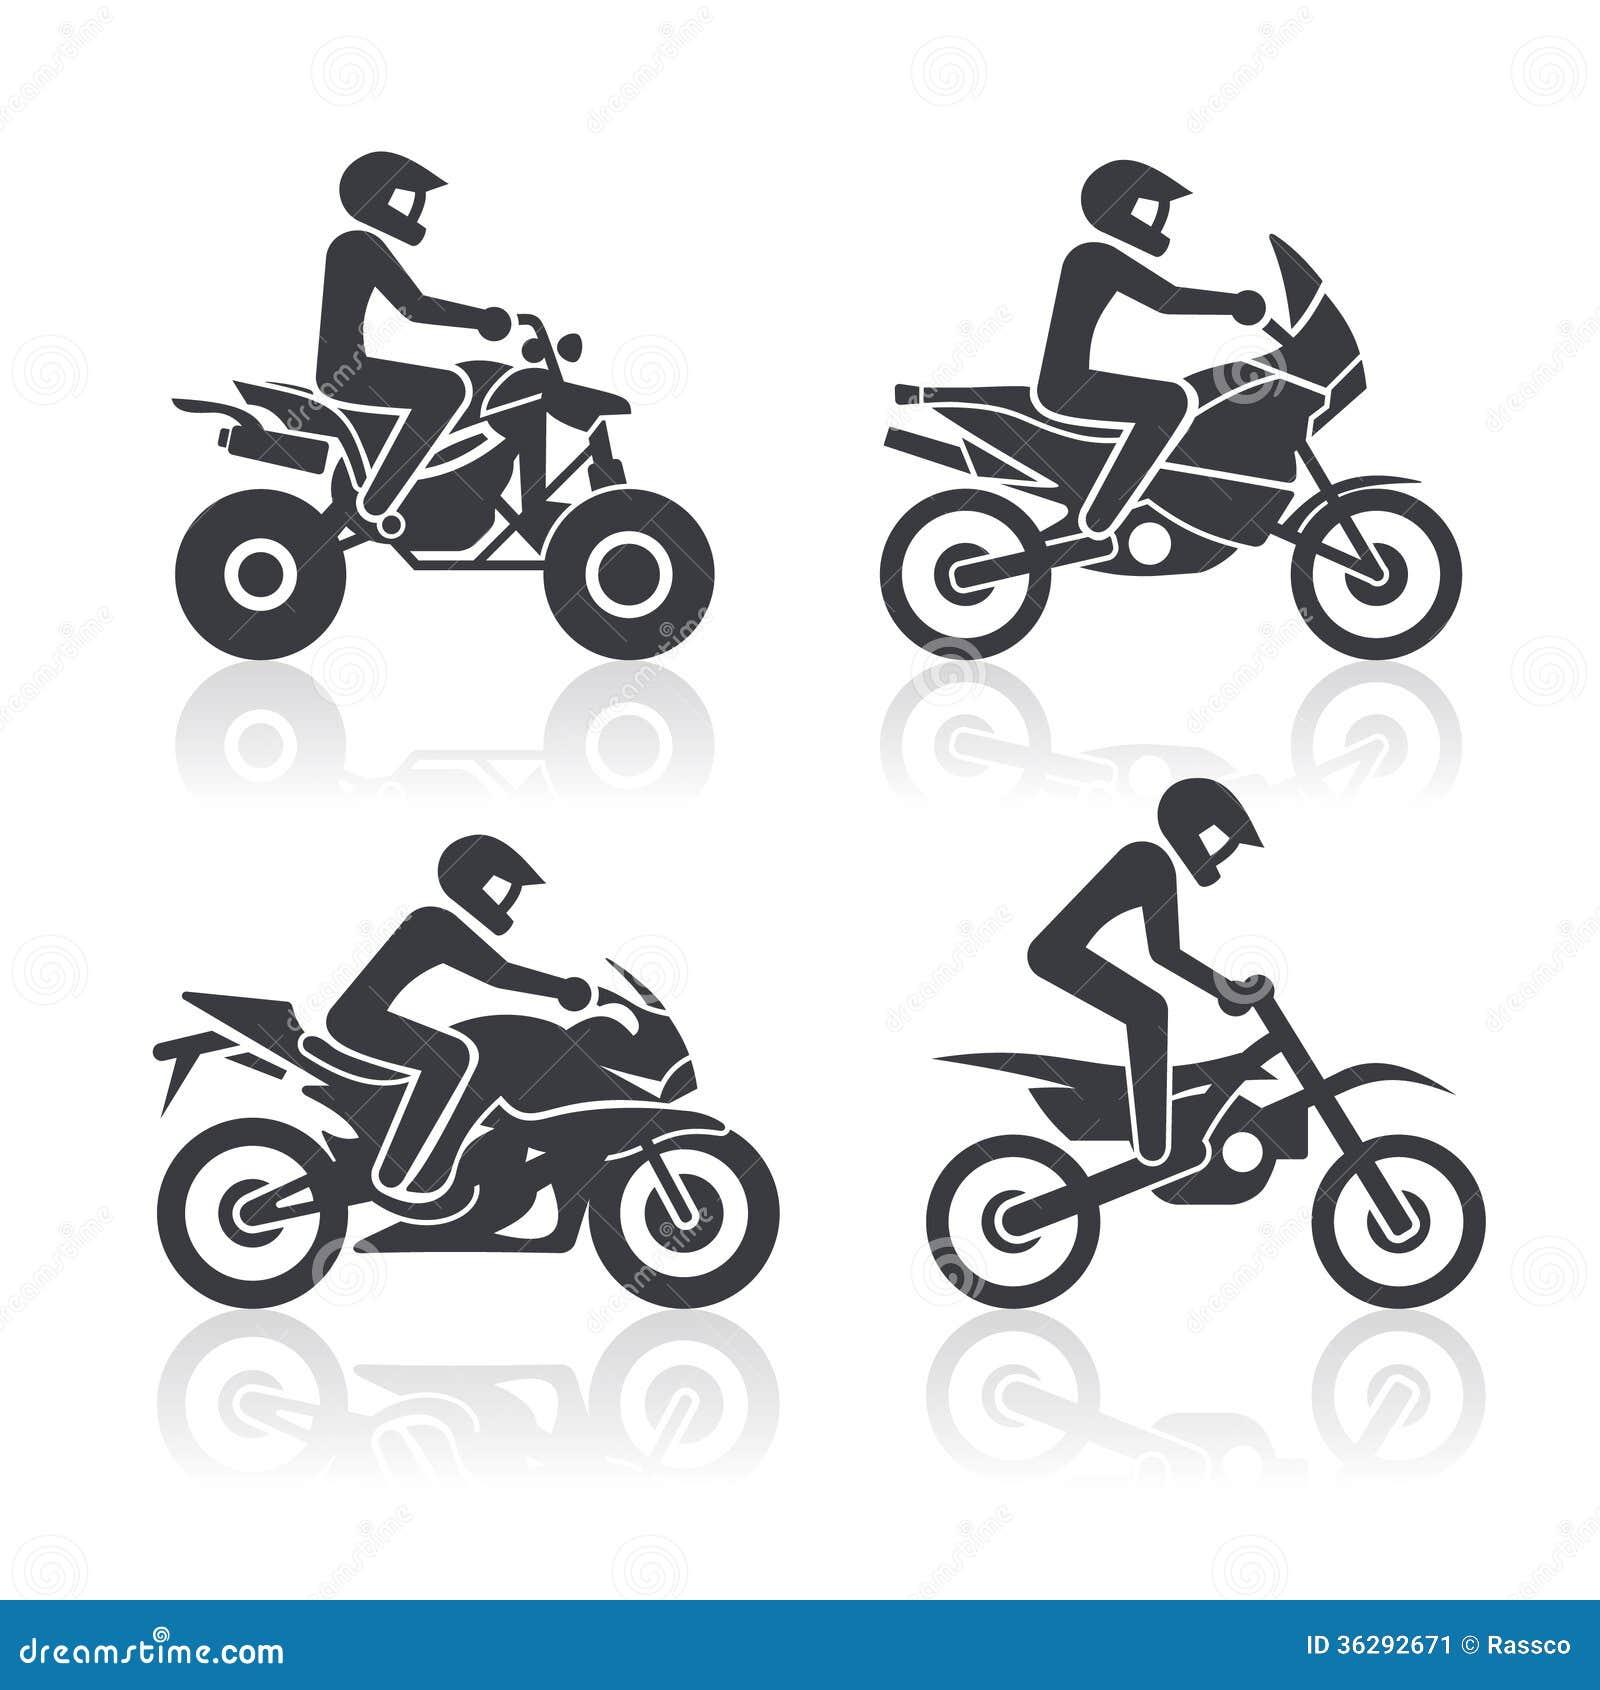 Motorcycle Icons Set Stock Image Image 36292671